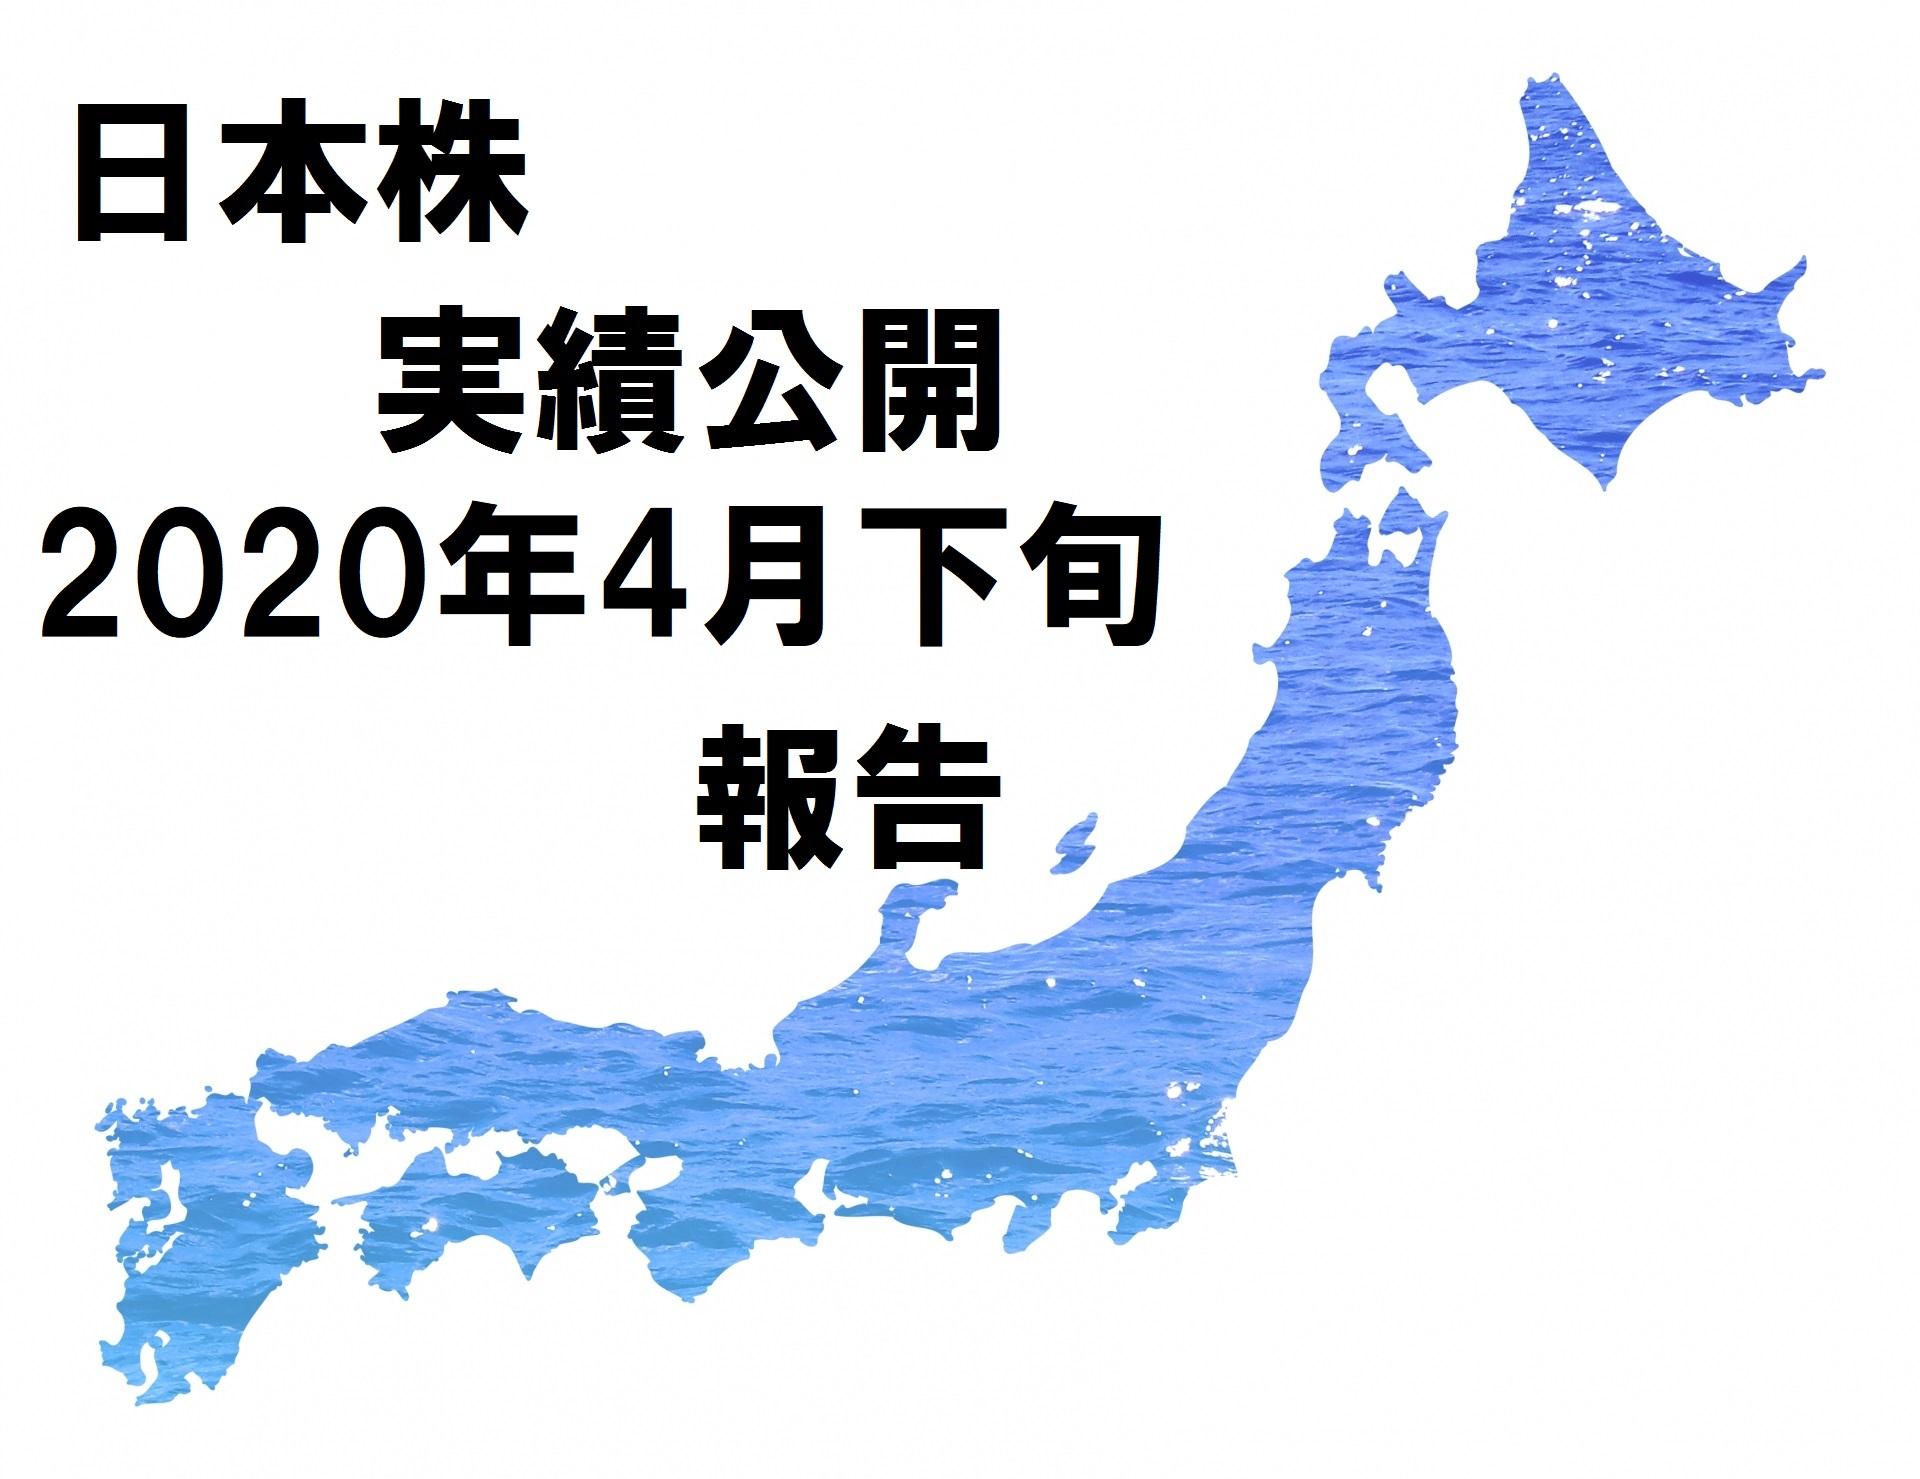 2020年4月下旬時点での日本株実績報告(痛みになれて何も感じなくなった時期)